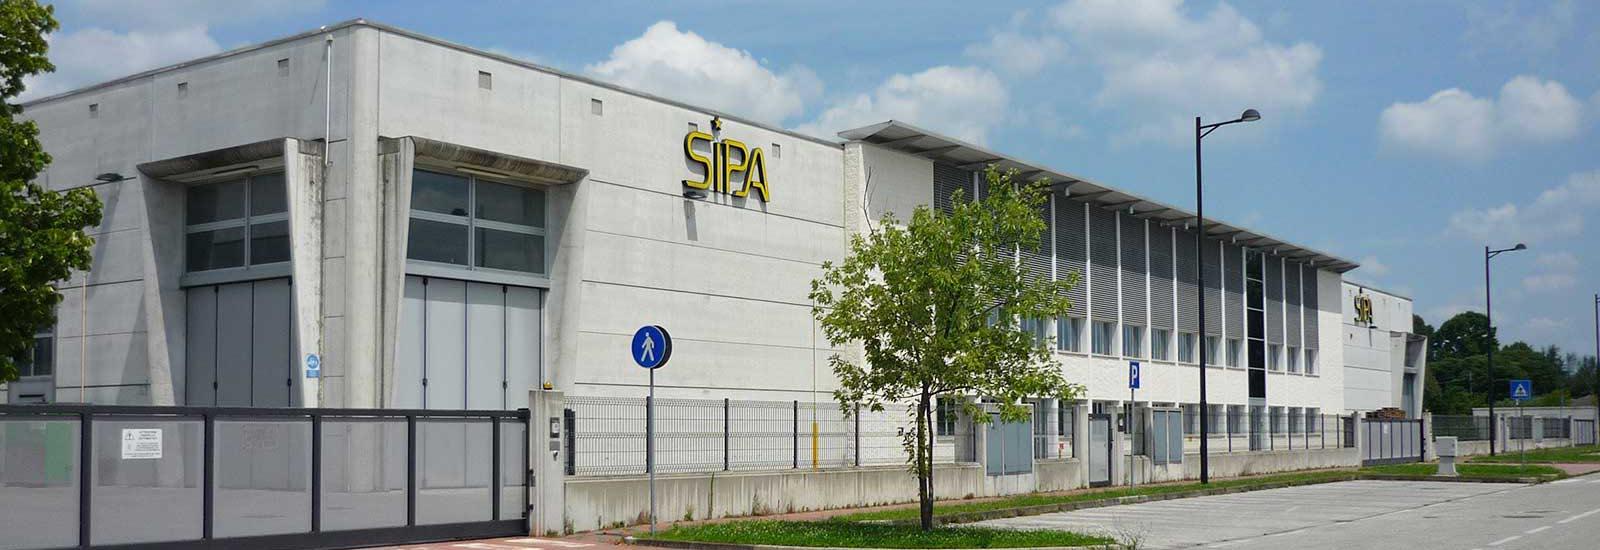 sipa-azienda-est